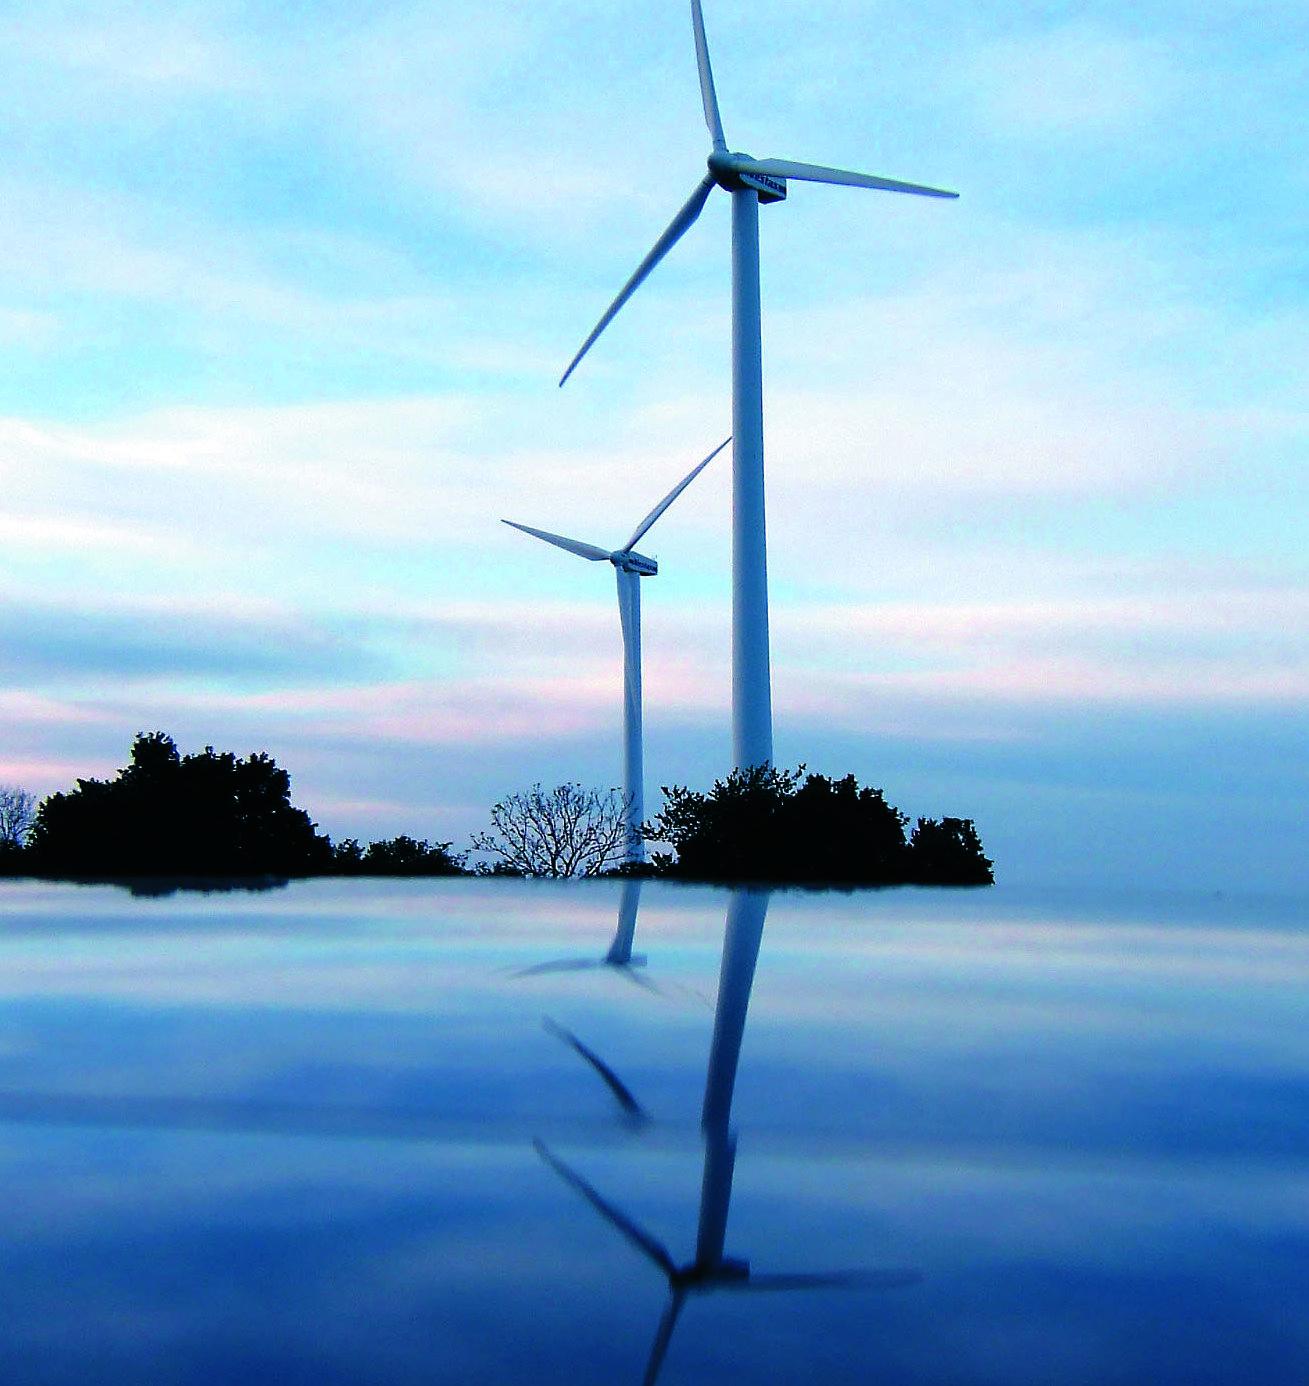 Da Windräder immer größer werden, steigt auch die Materialbelastung. Die elastischere Materialien sollen sich die Rotorblätter ein wenig in den Wind drehen können. Zudem arbeiten Ingenieure mit Klappen und beweglichen Kanten.